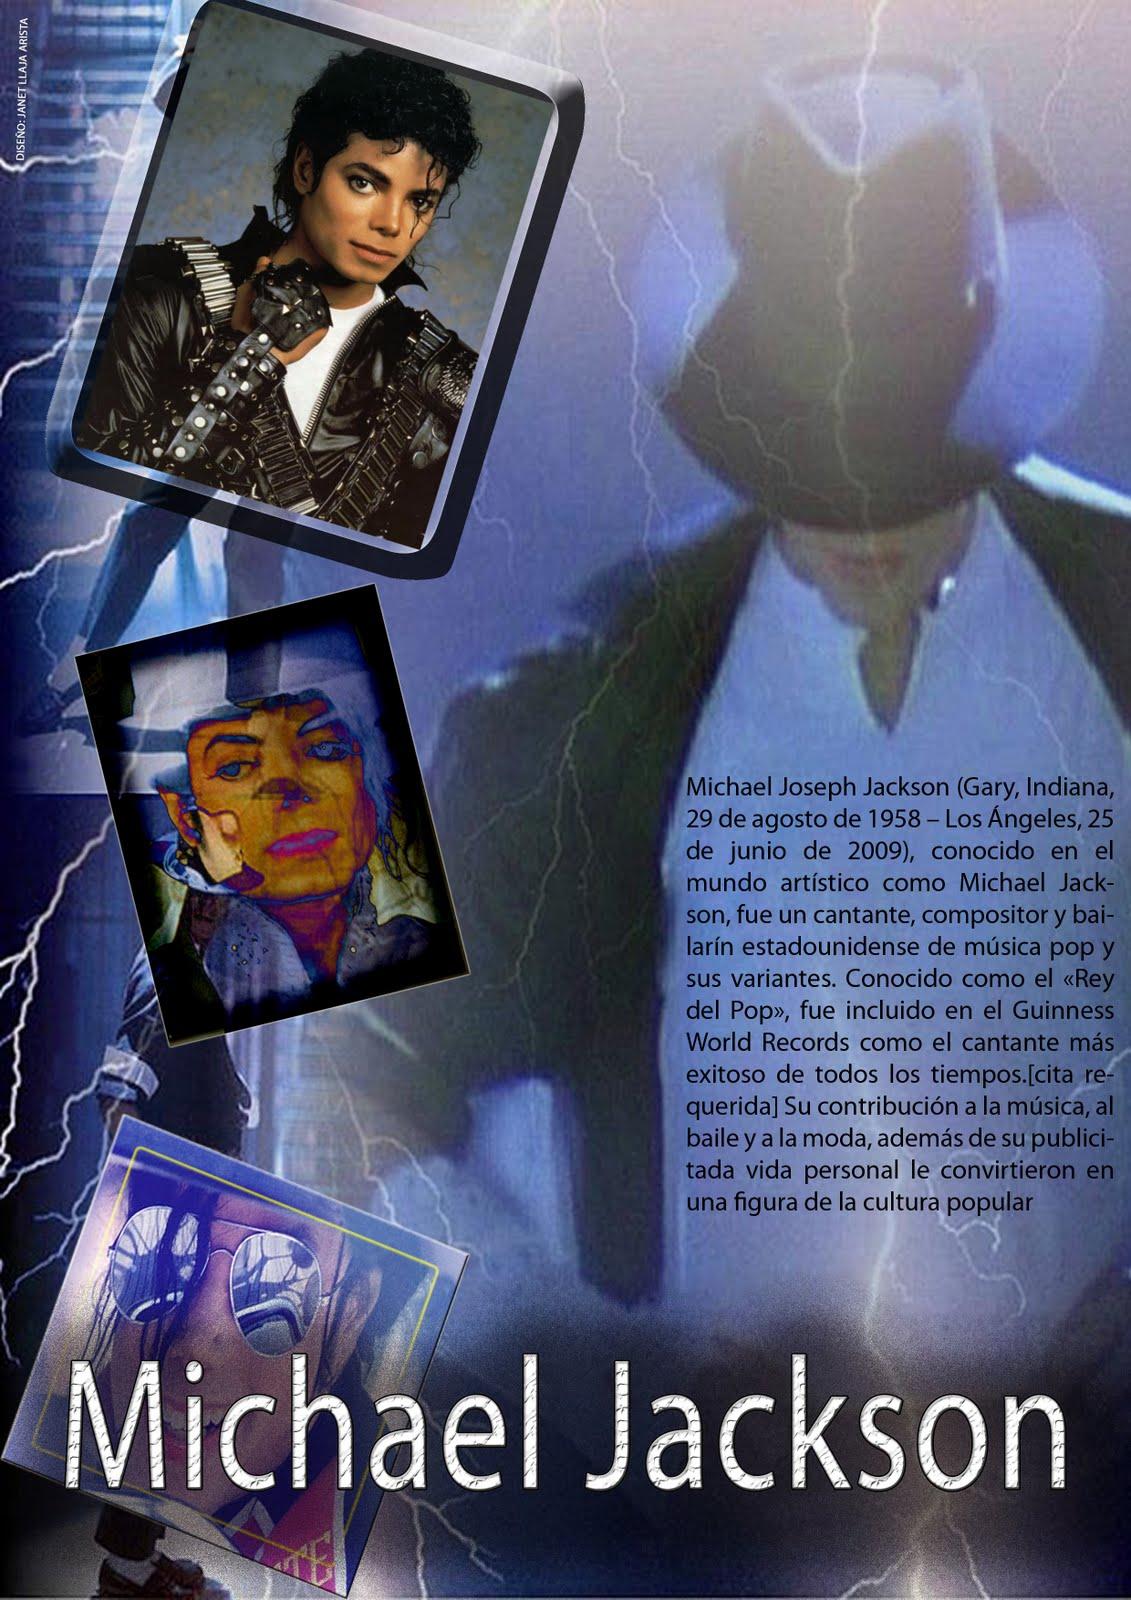 http://1.bp.blogspot.com/_8Aq19c0CUhs/TUHKo3UqkZI/AAAAAAAAAQM/0H7wEgXxEVY/s1600/JNAET.jpg